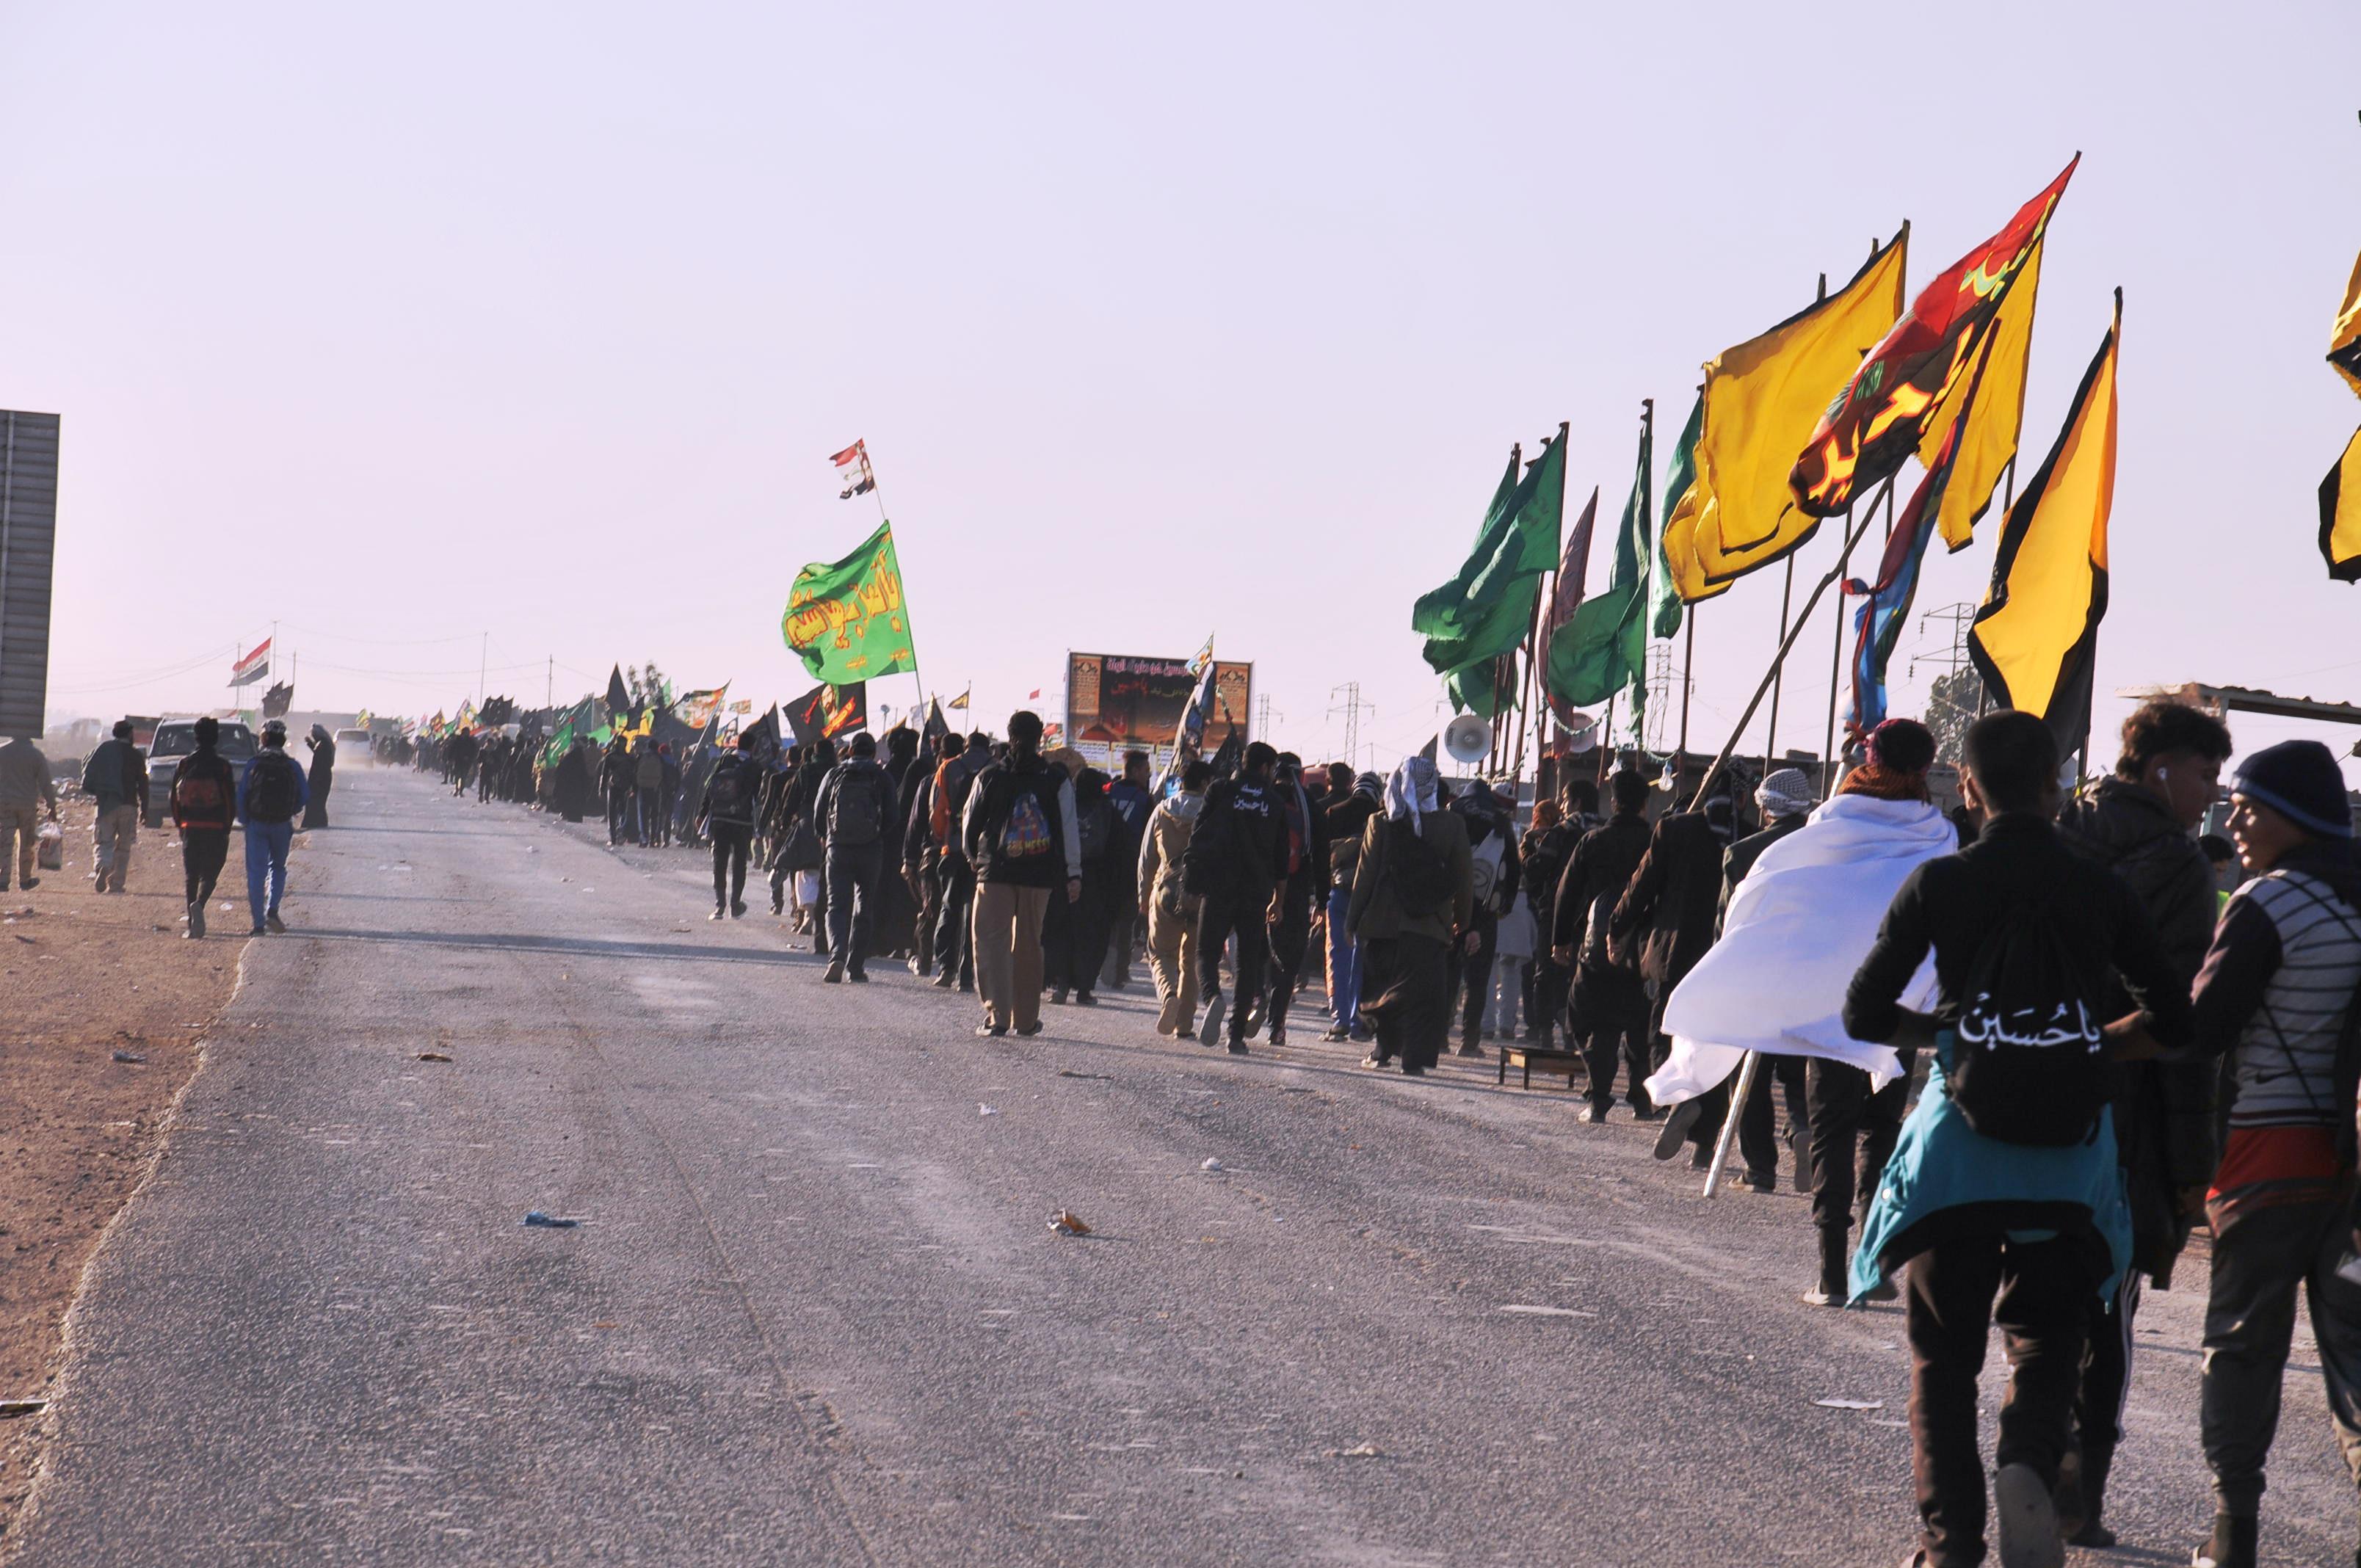 الامم المتحدة تحذر من تحول كورونا في العراق الى وباء بسبب تجمع ديني